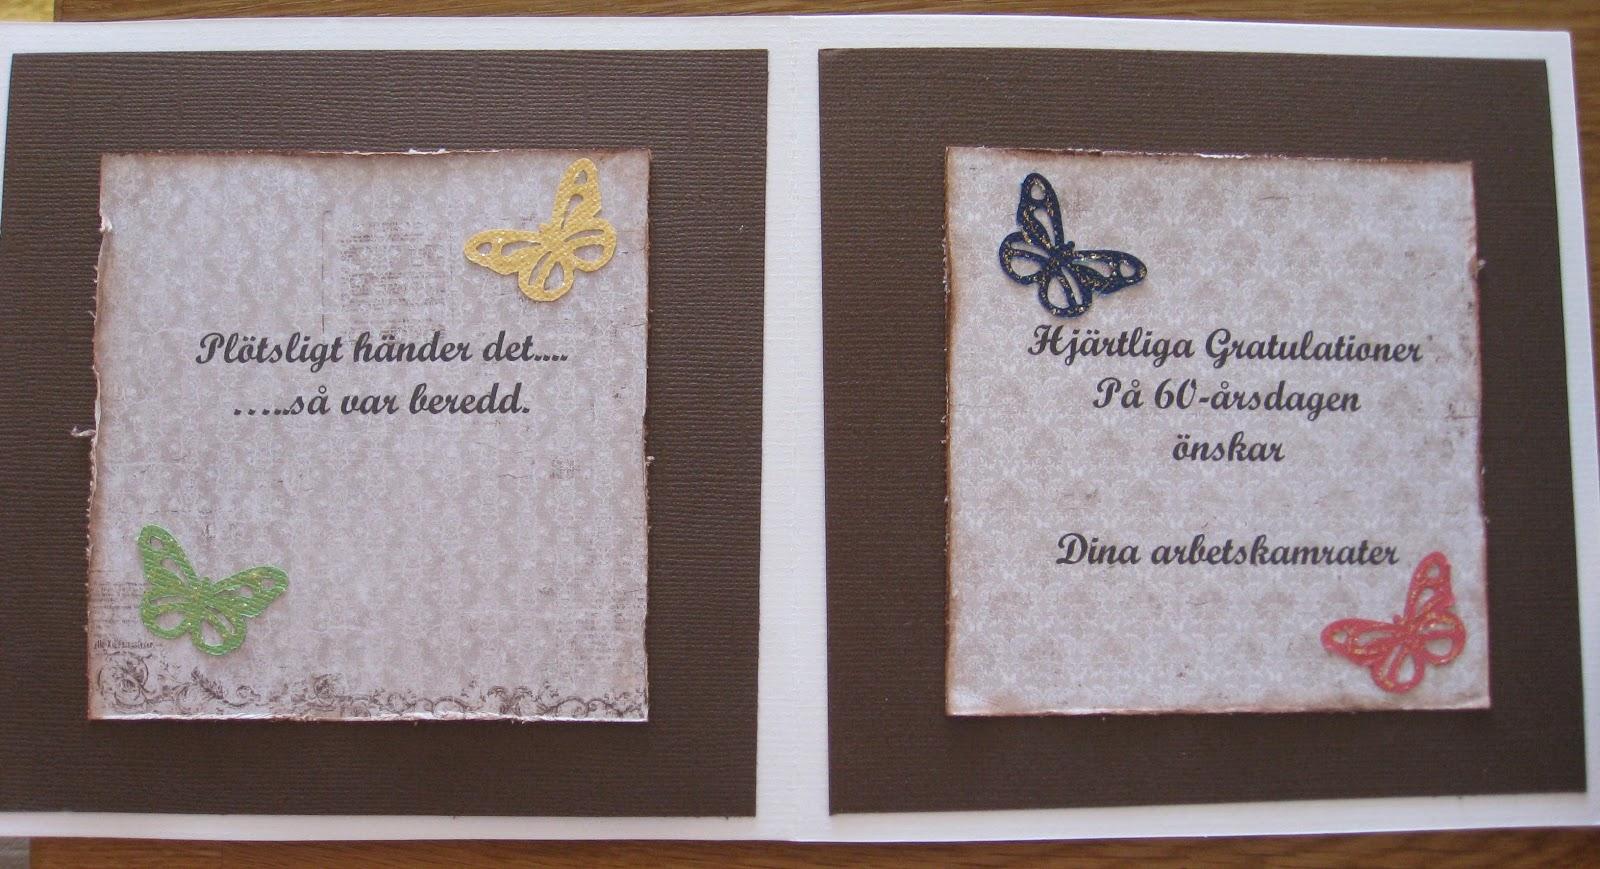 födelsedagskort 60 år Anna Karins tankar: Födelsedagskort födelsedagskort 60 år